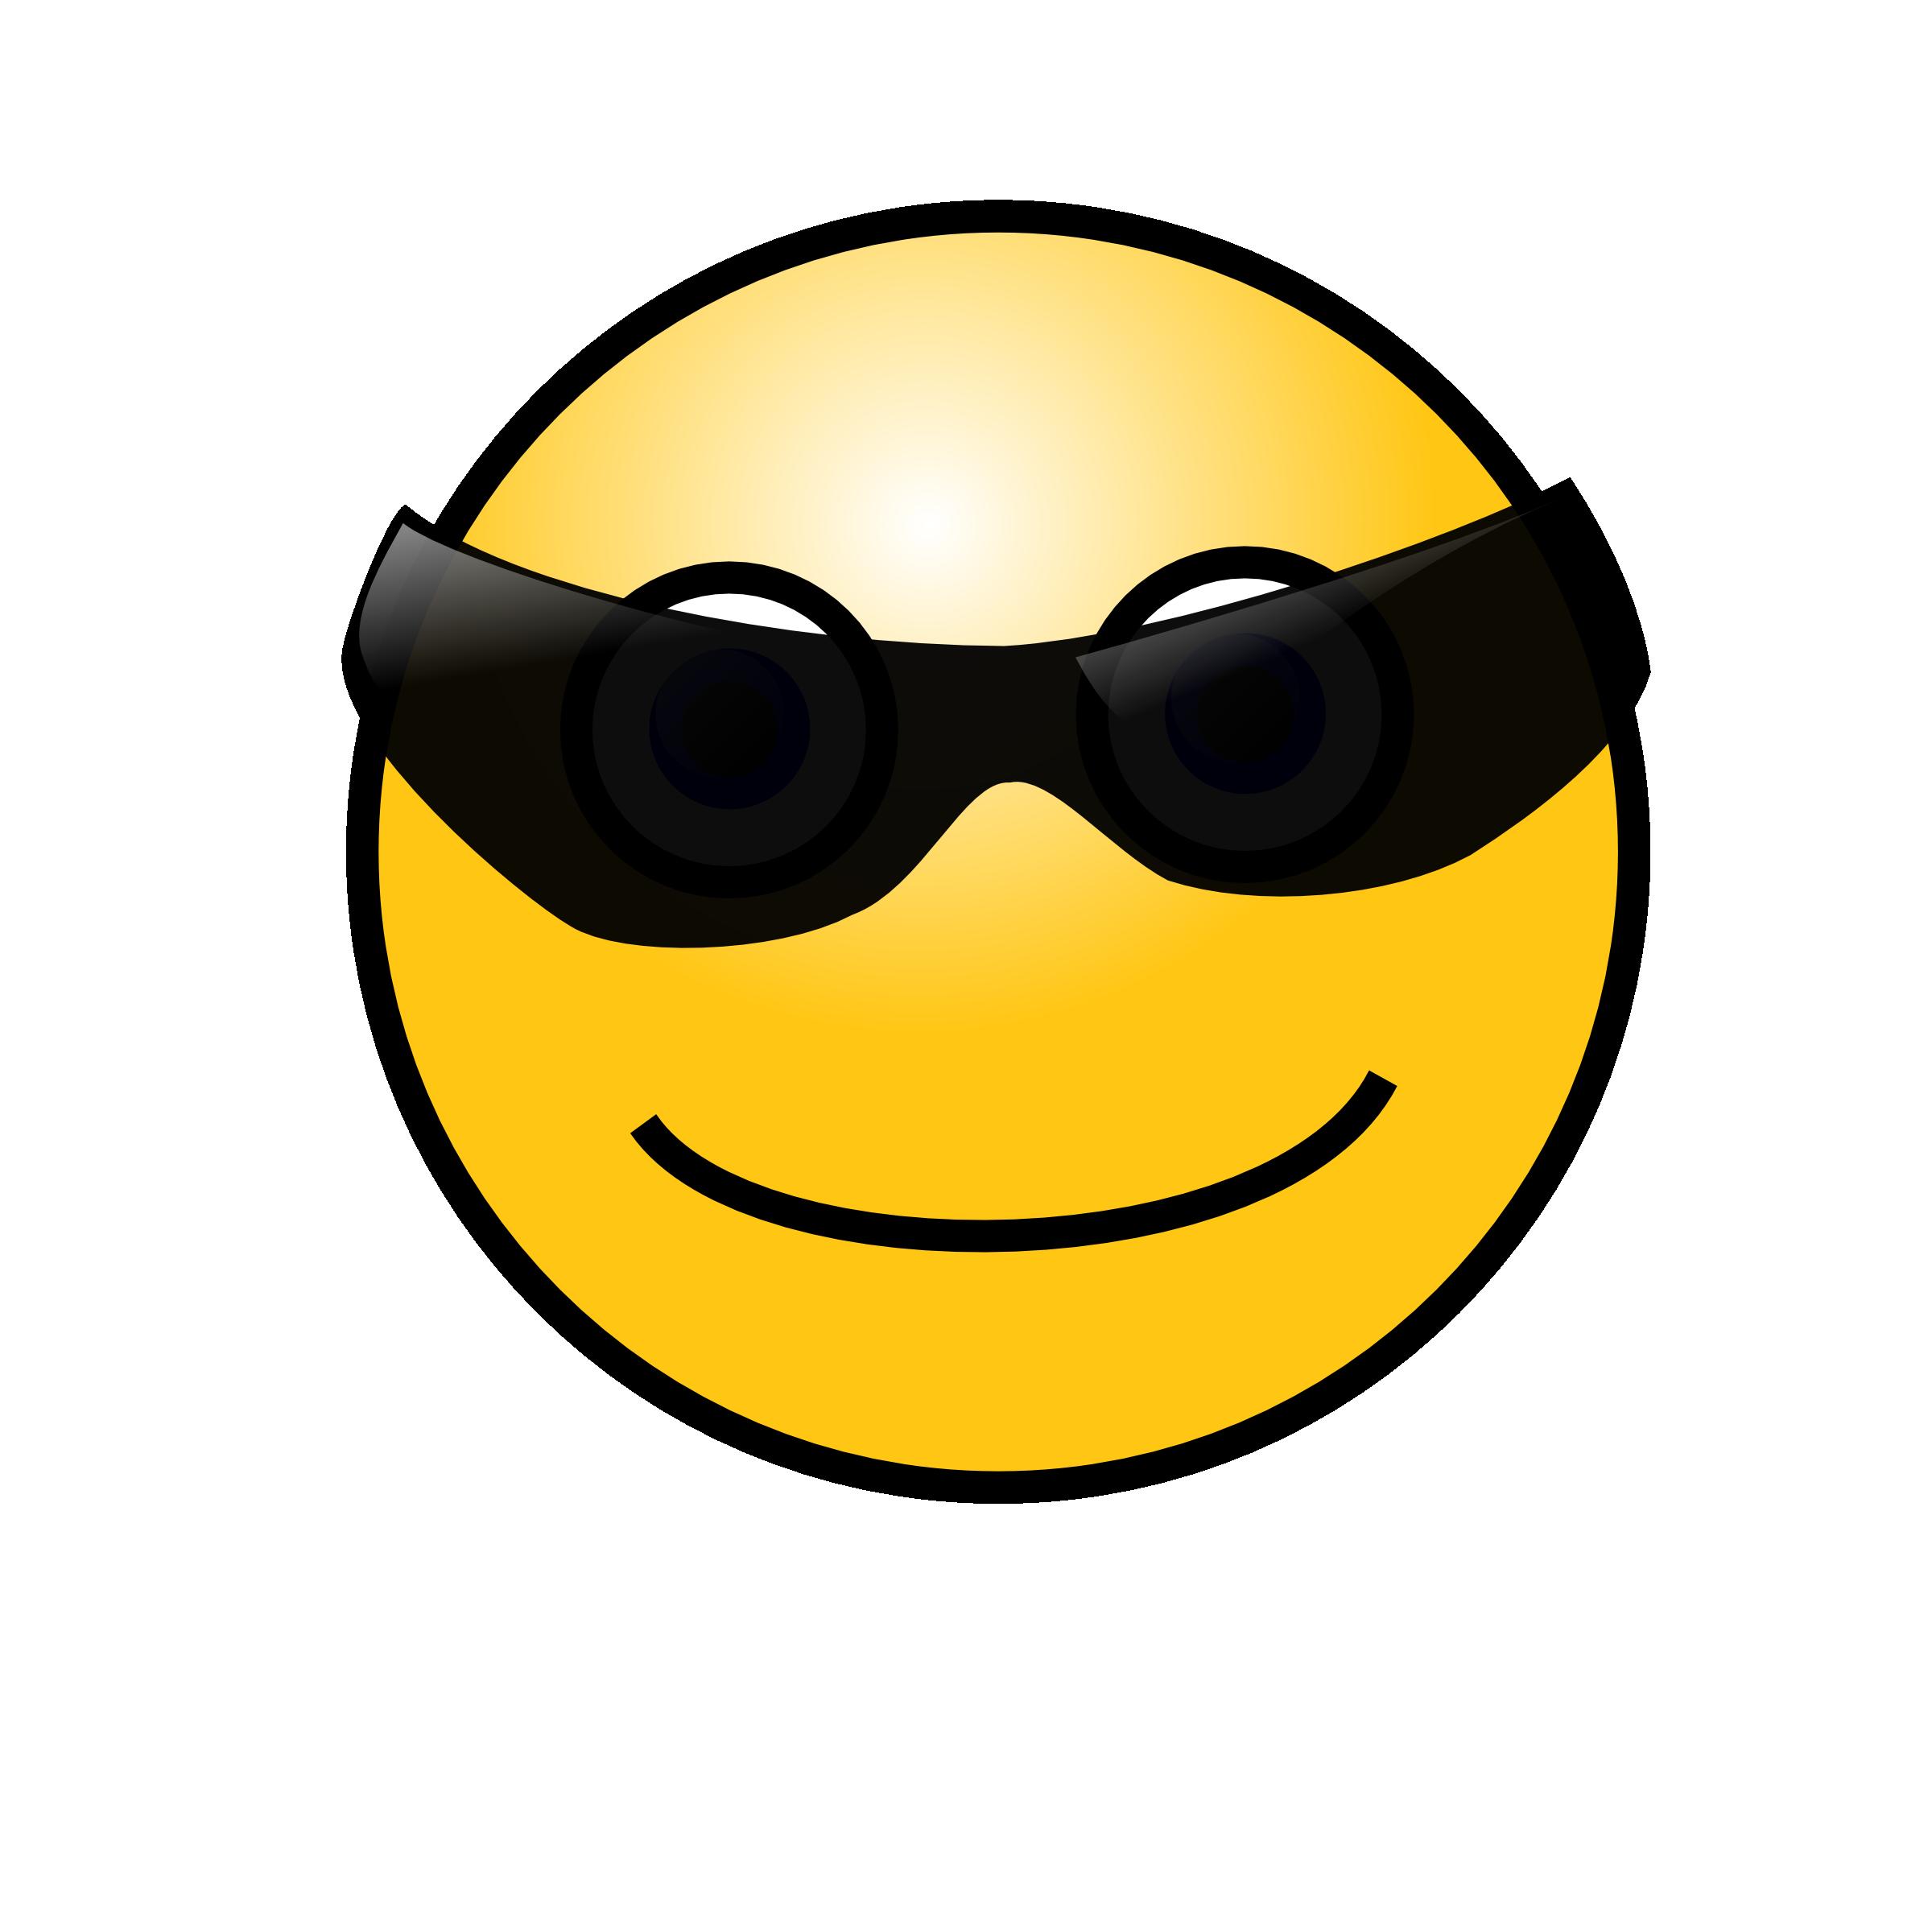 Smileys clipart sunglass 2017 smiley Photos Maize Smiley